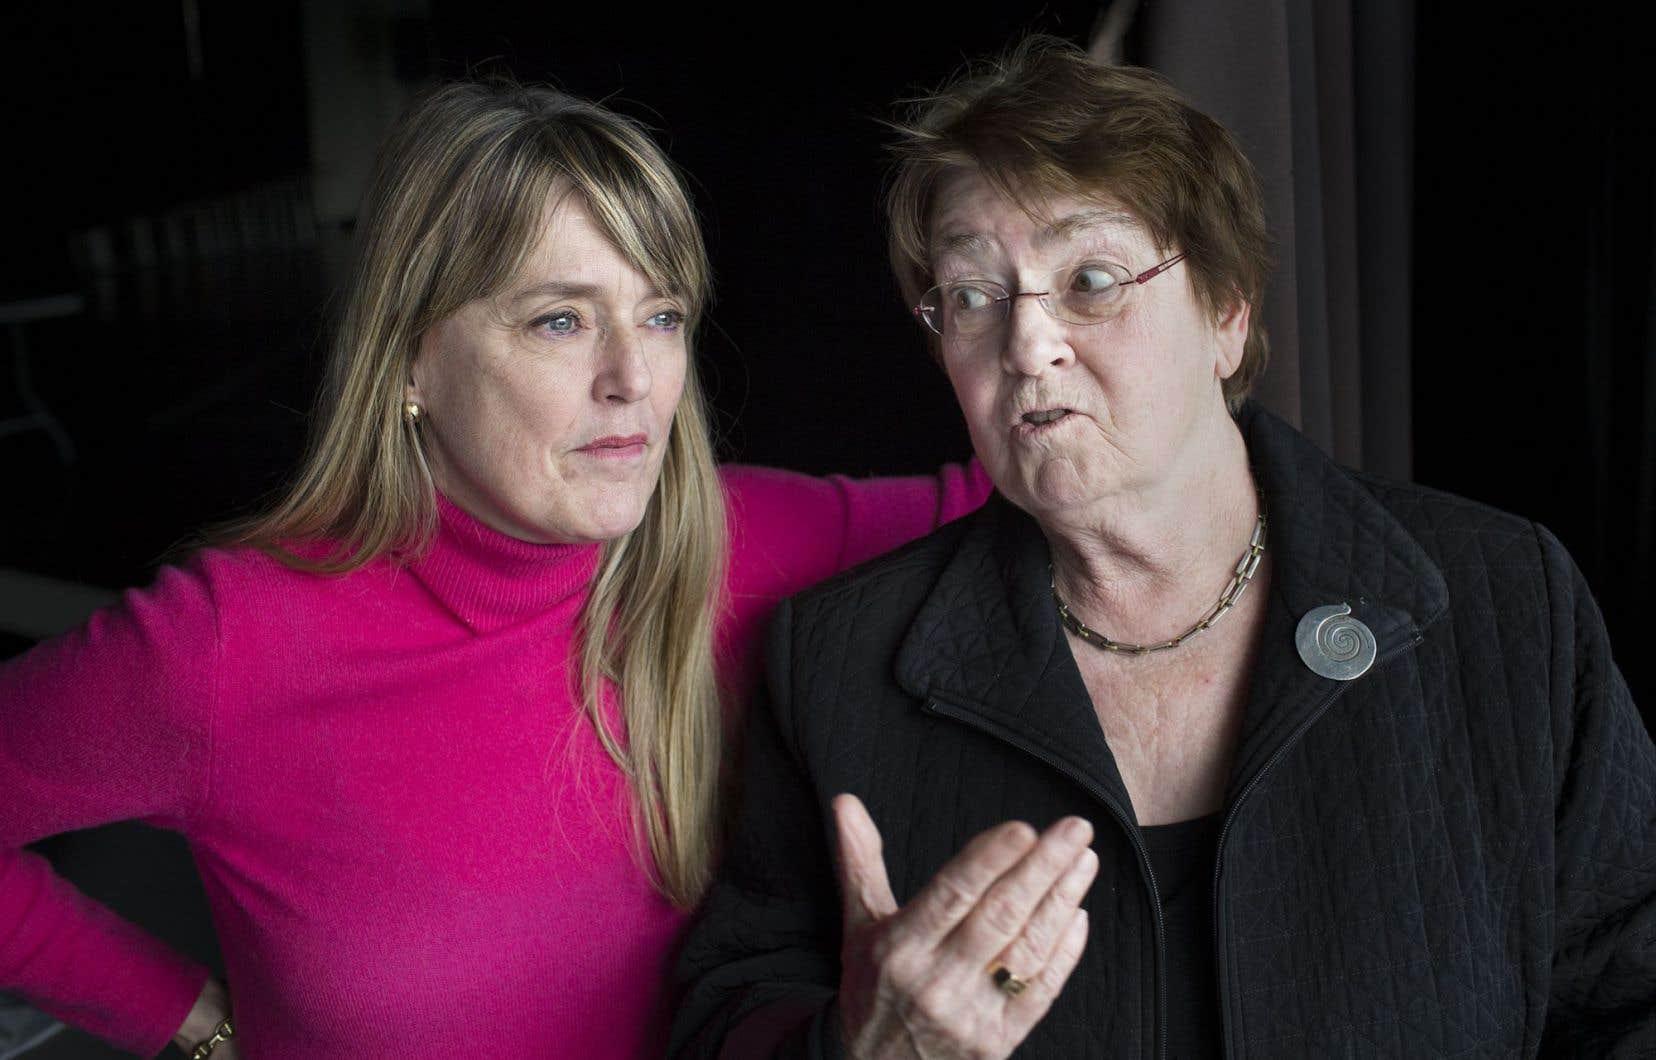 Markita Boies et Nicole Brossard proposent non pas une reprise de l'œuvre originale «La nef des sorcières», mais plutôt une nouvelle création inspirée du projet initial de la regrettée Luce Guilbeault.